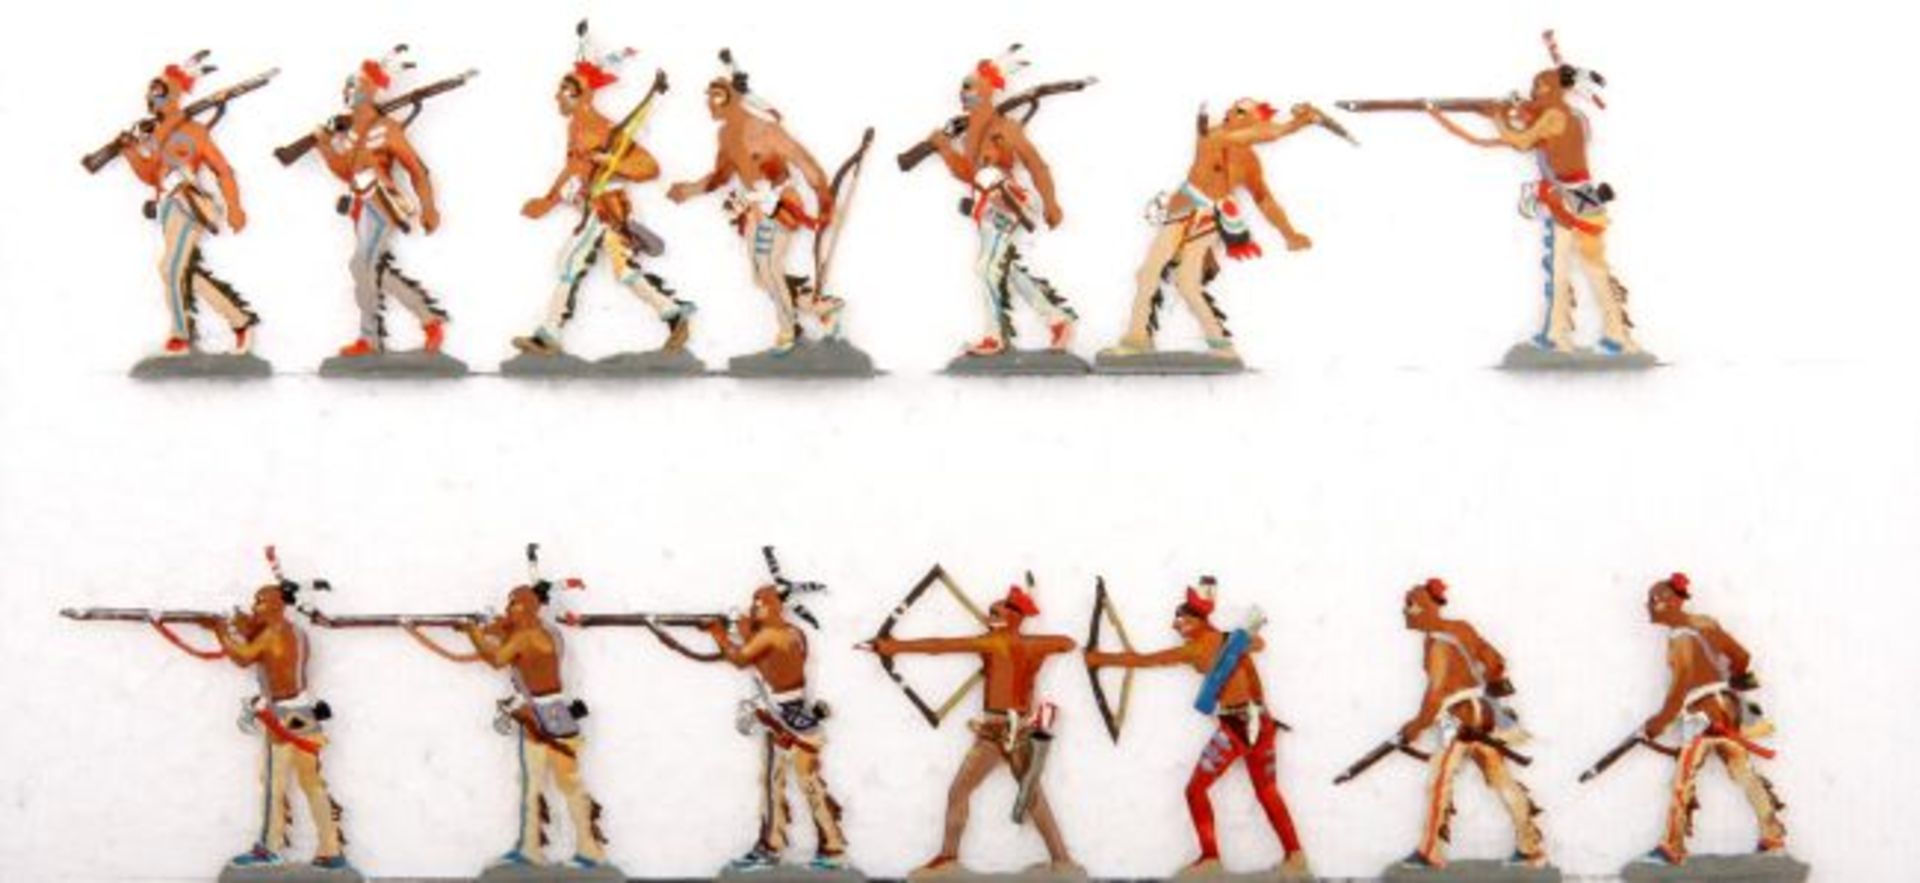 USA 18./19. Jahrhundert, Indianer, Huronen im Kampf, meist Loy, gute, schattierte Bemalung, 59 - Bild 2 aus 2